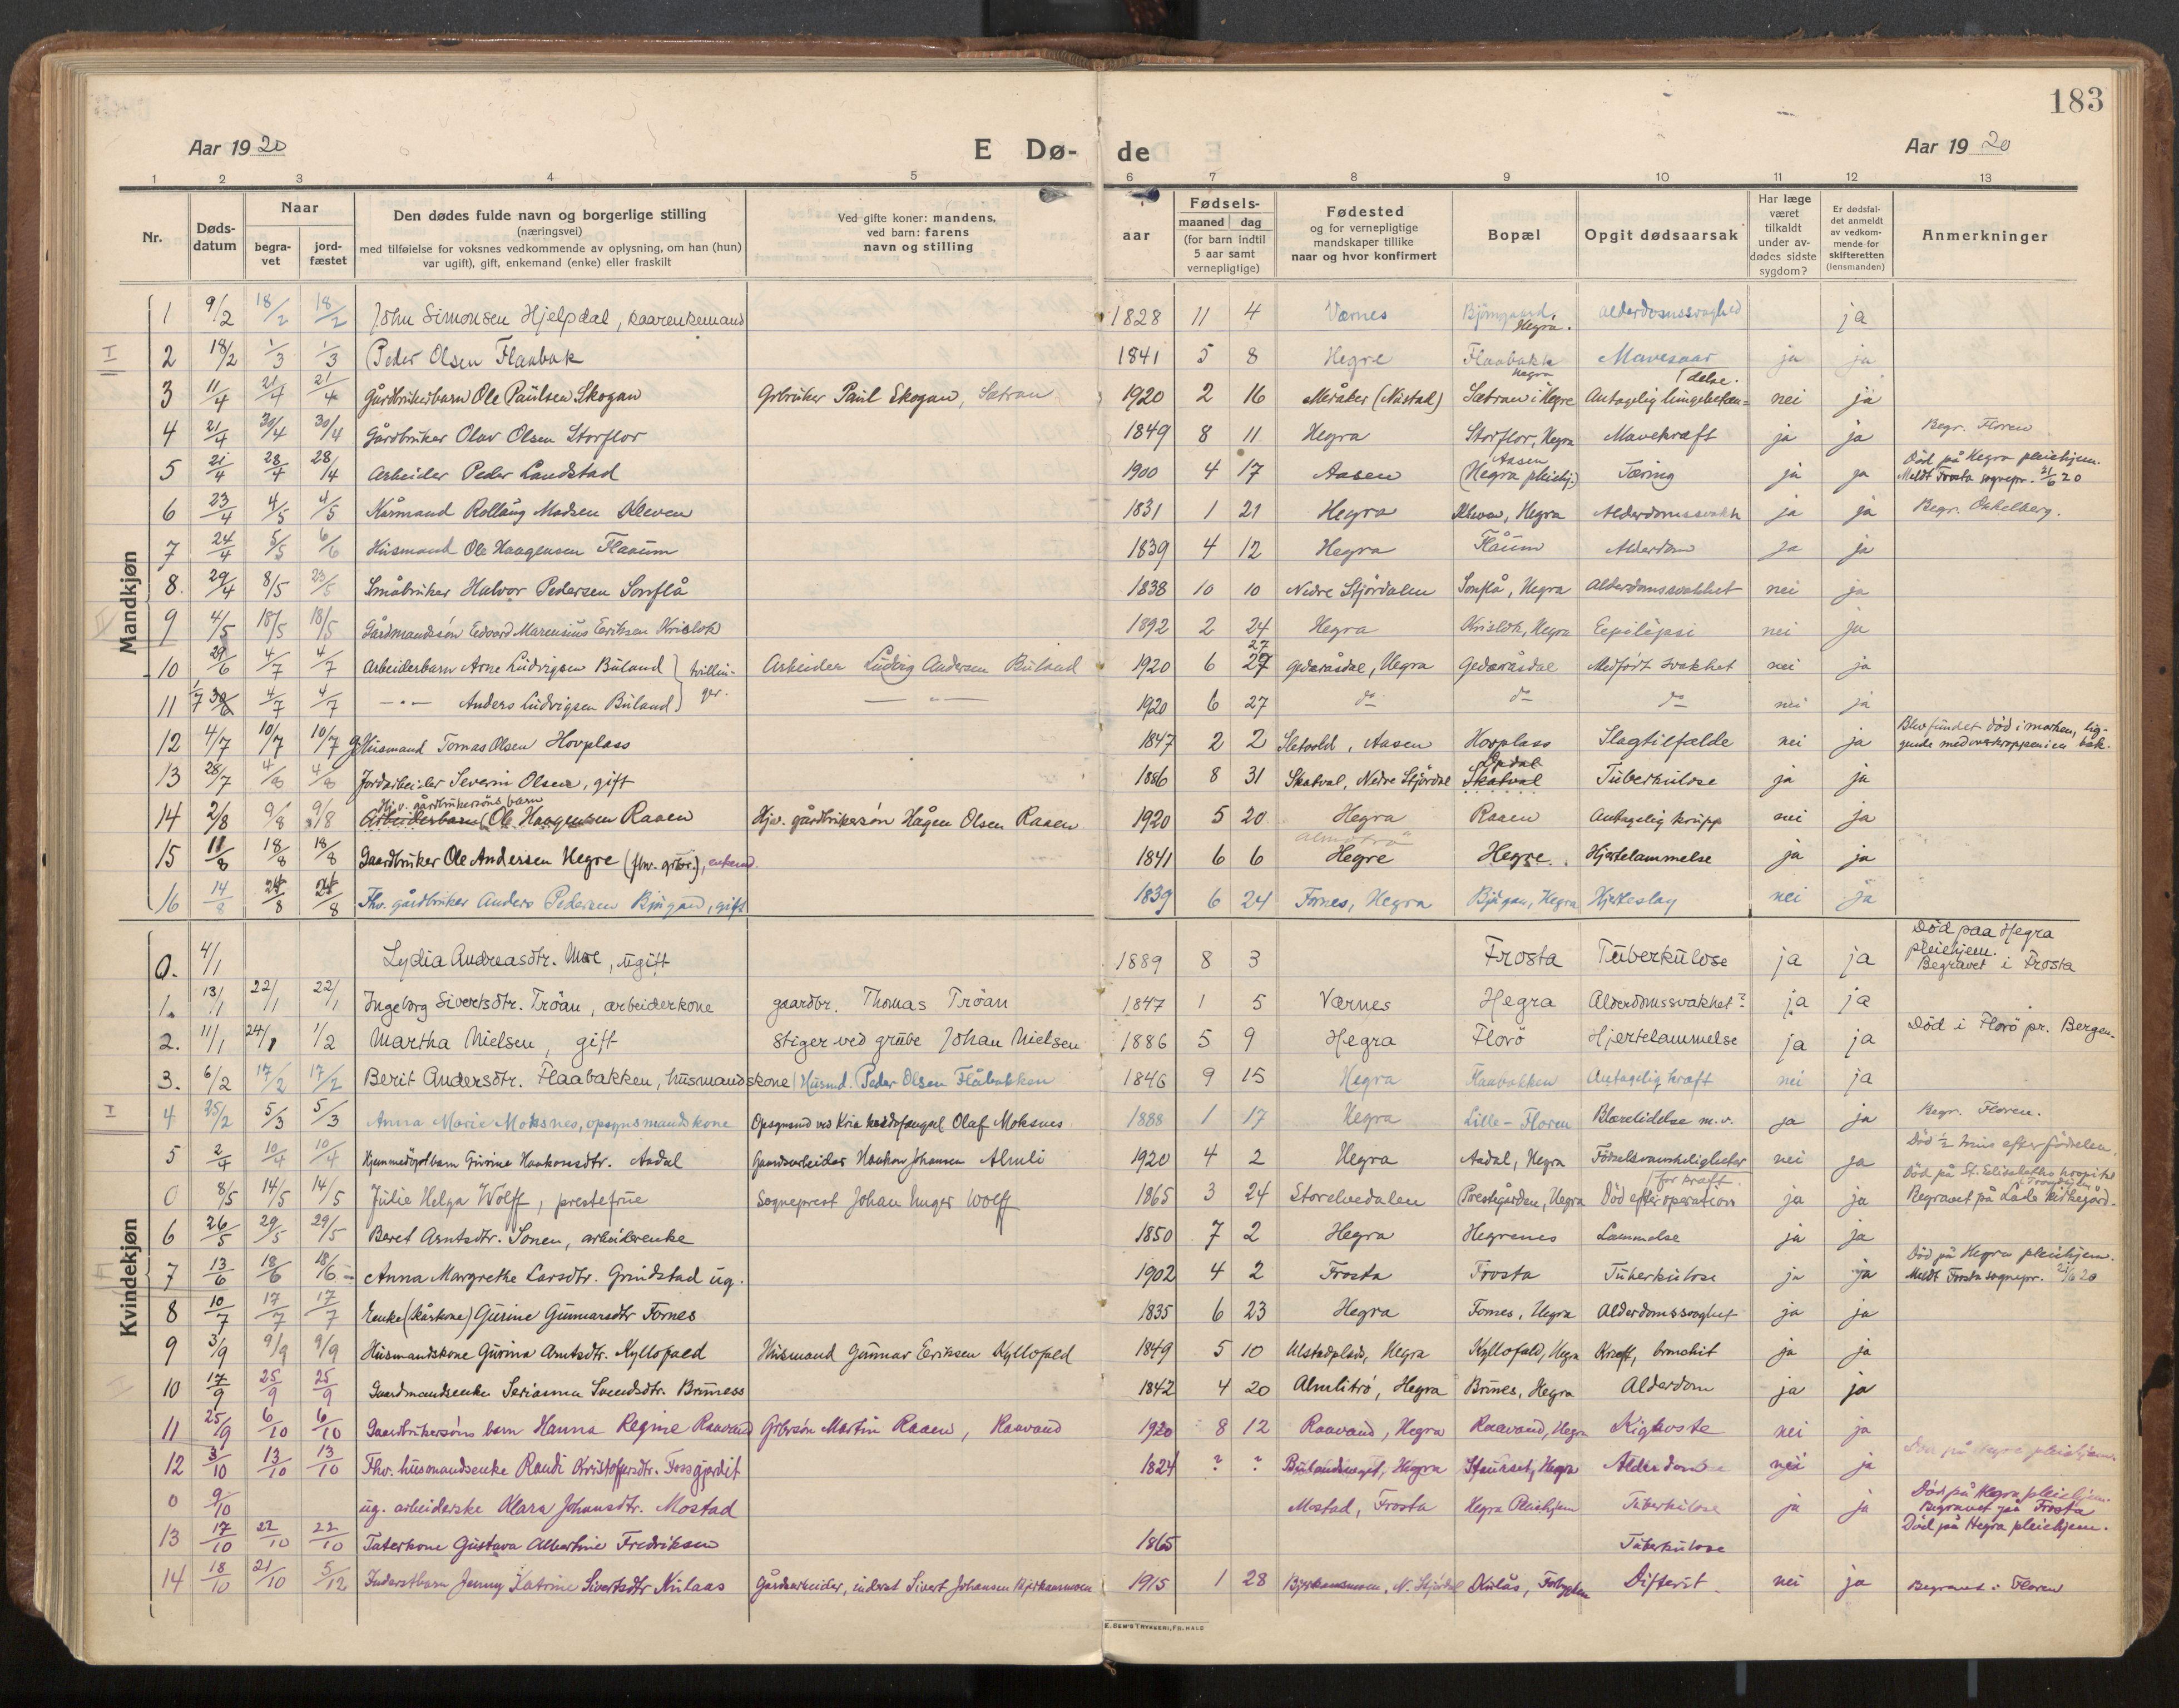 SAT, Ministerialprotokoller, klokkerbøker og fødselsregistre - Nord-Trøndelag, 703/L0037: Parish register (official) no. 703A10, 1915-1932, p. 183